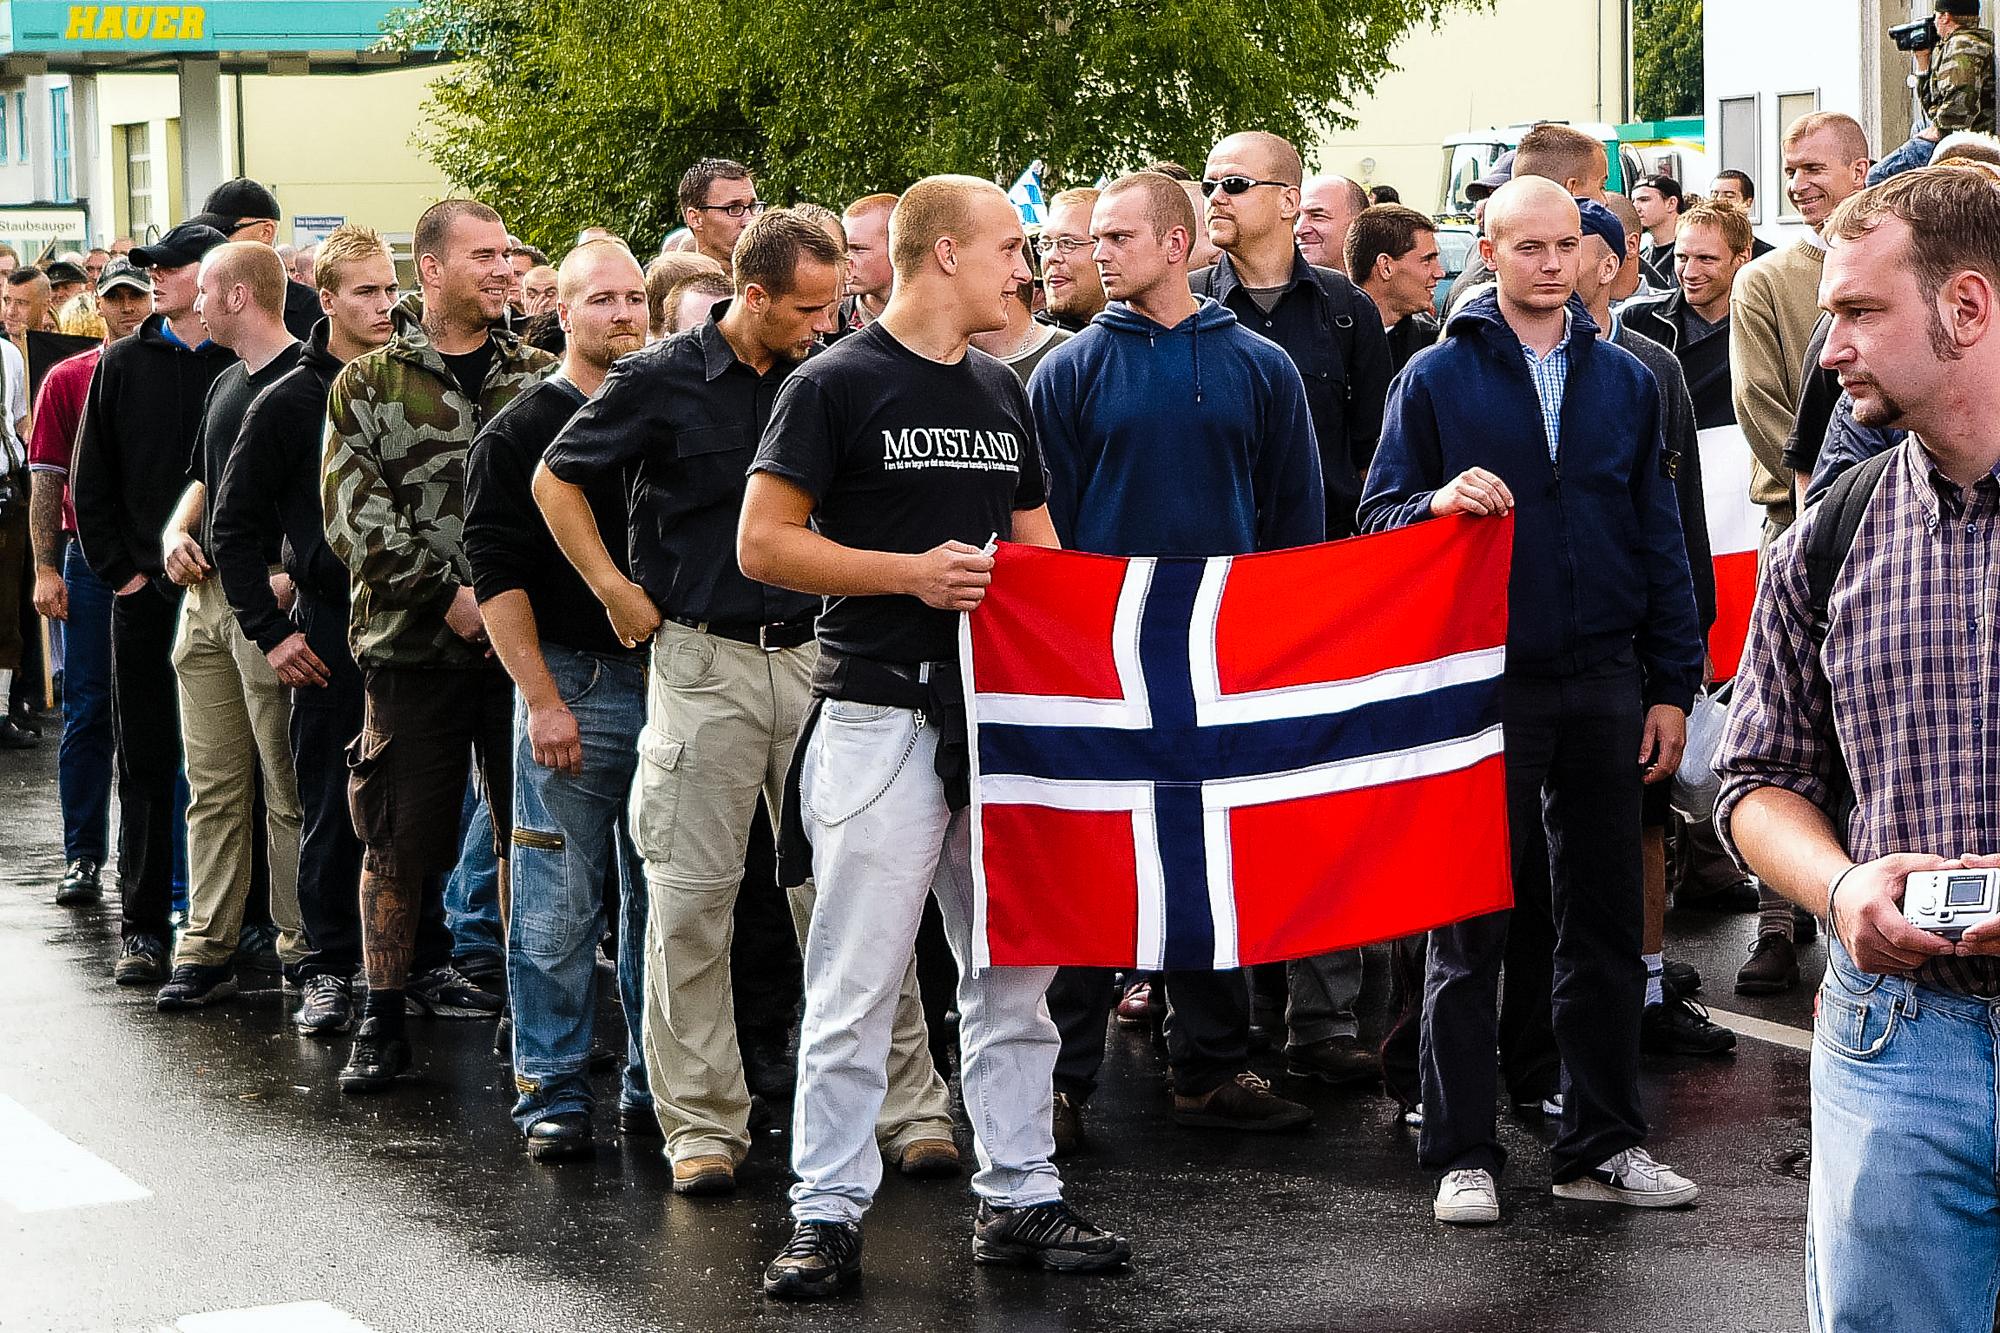 I 2004 deltog norske nazister i Hess-marchen i den tyske by Wunsiedel, hvor den nazistiske martyr Rudolf Hess lå begravet. De blev senere aktive i NMR's norske afdeling. I midten til højre ses svenske Pär Öberg, der i dag sidder i NMR's ledelse og har ansvaret for organisationens parlamentariske gren. Foto: Privat.